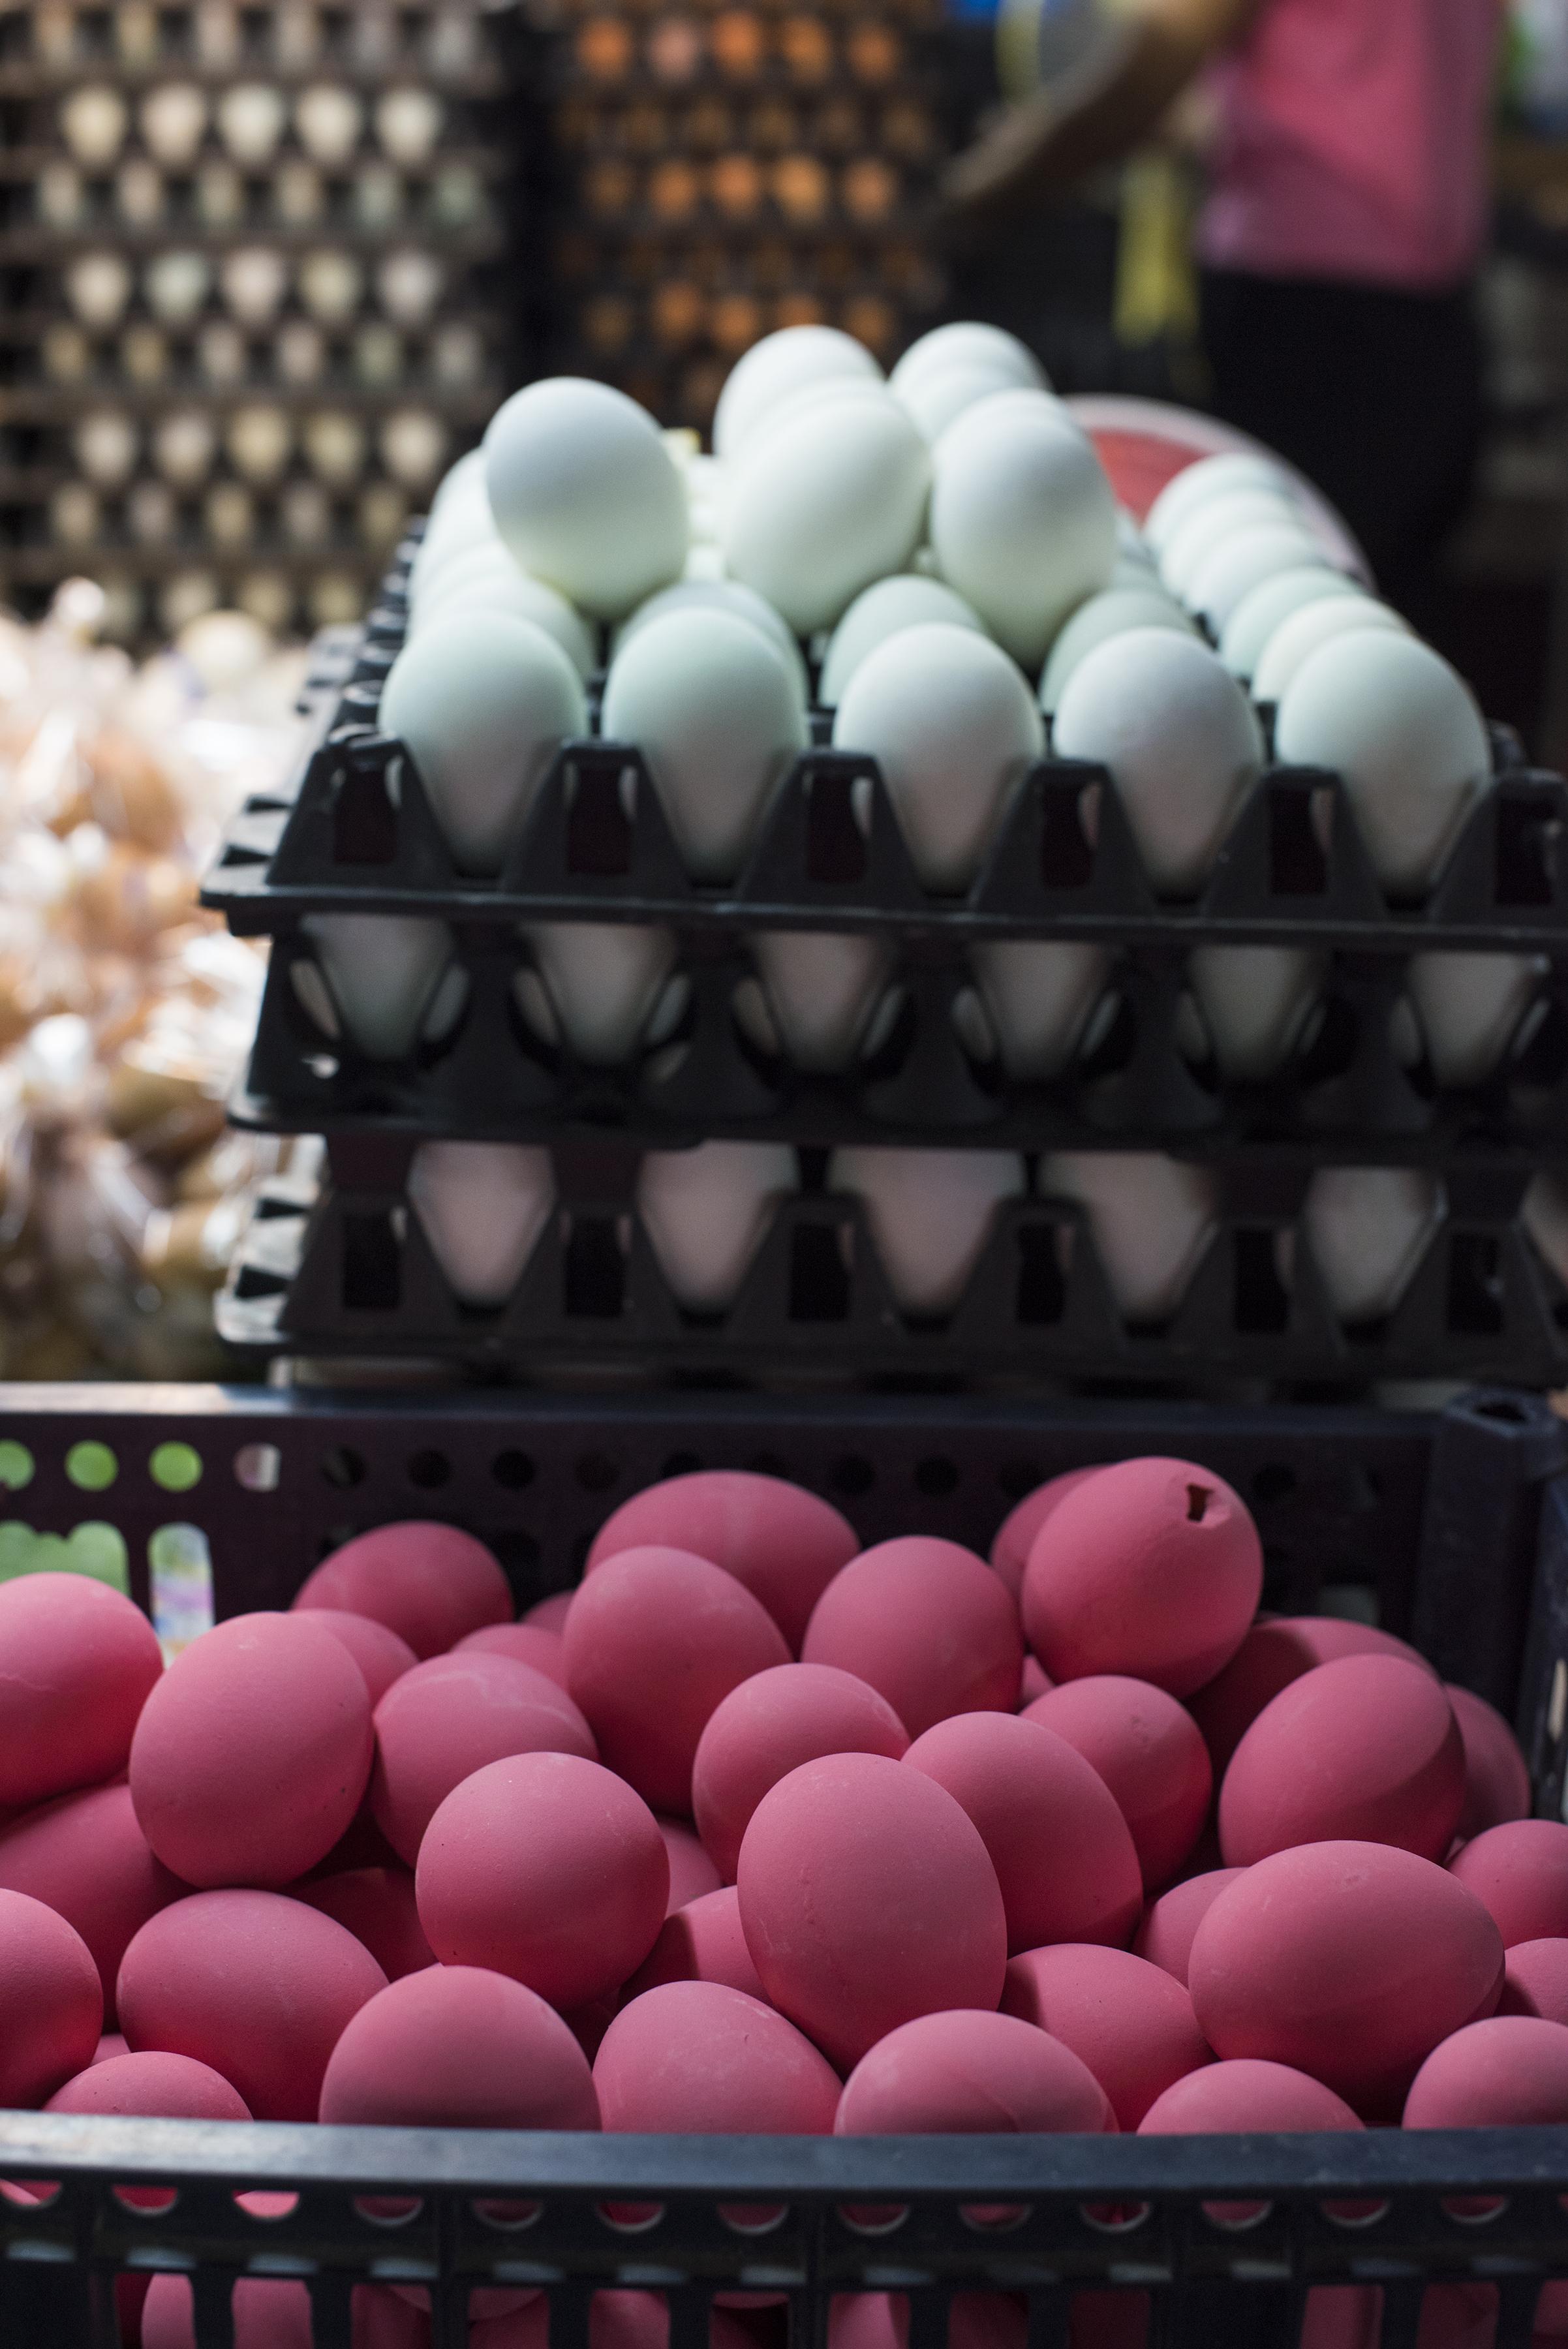 Eggs Thai pink